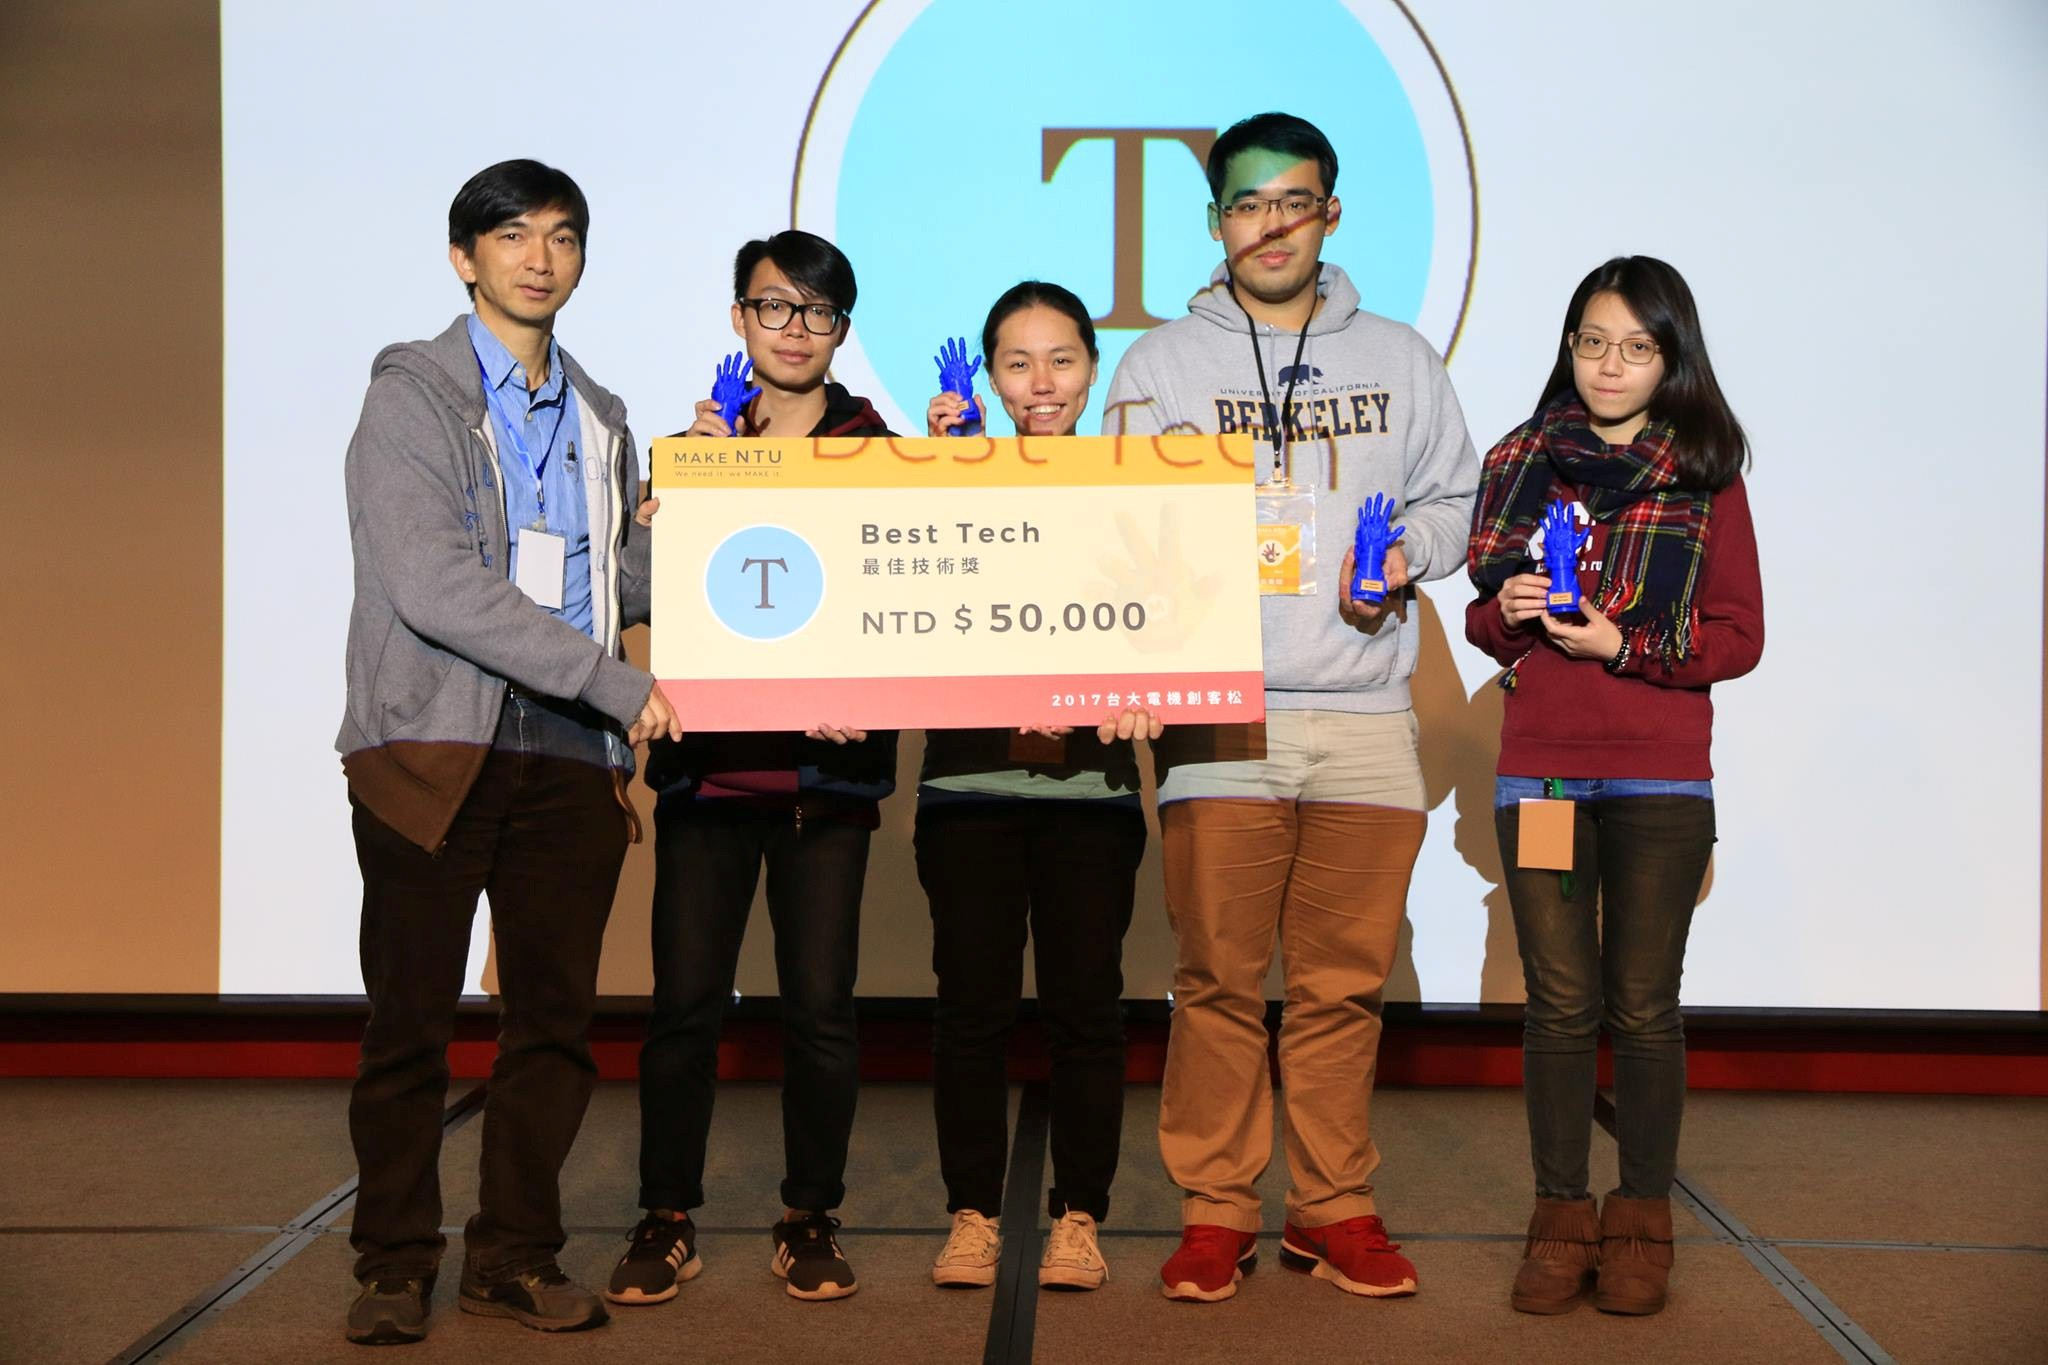 圖說:台大電機系黃鐘揚教授頒獎給最佳技術獎得獎團隊